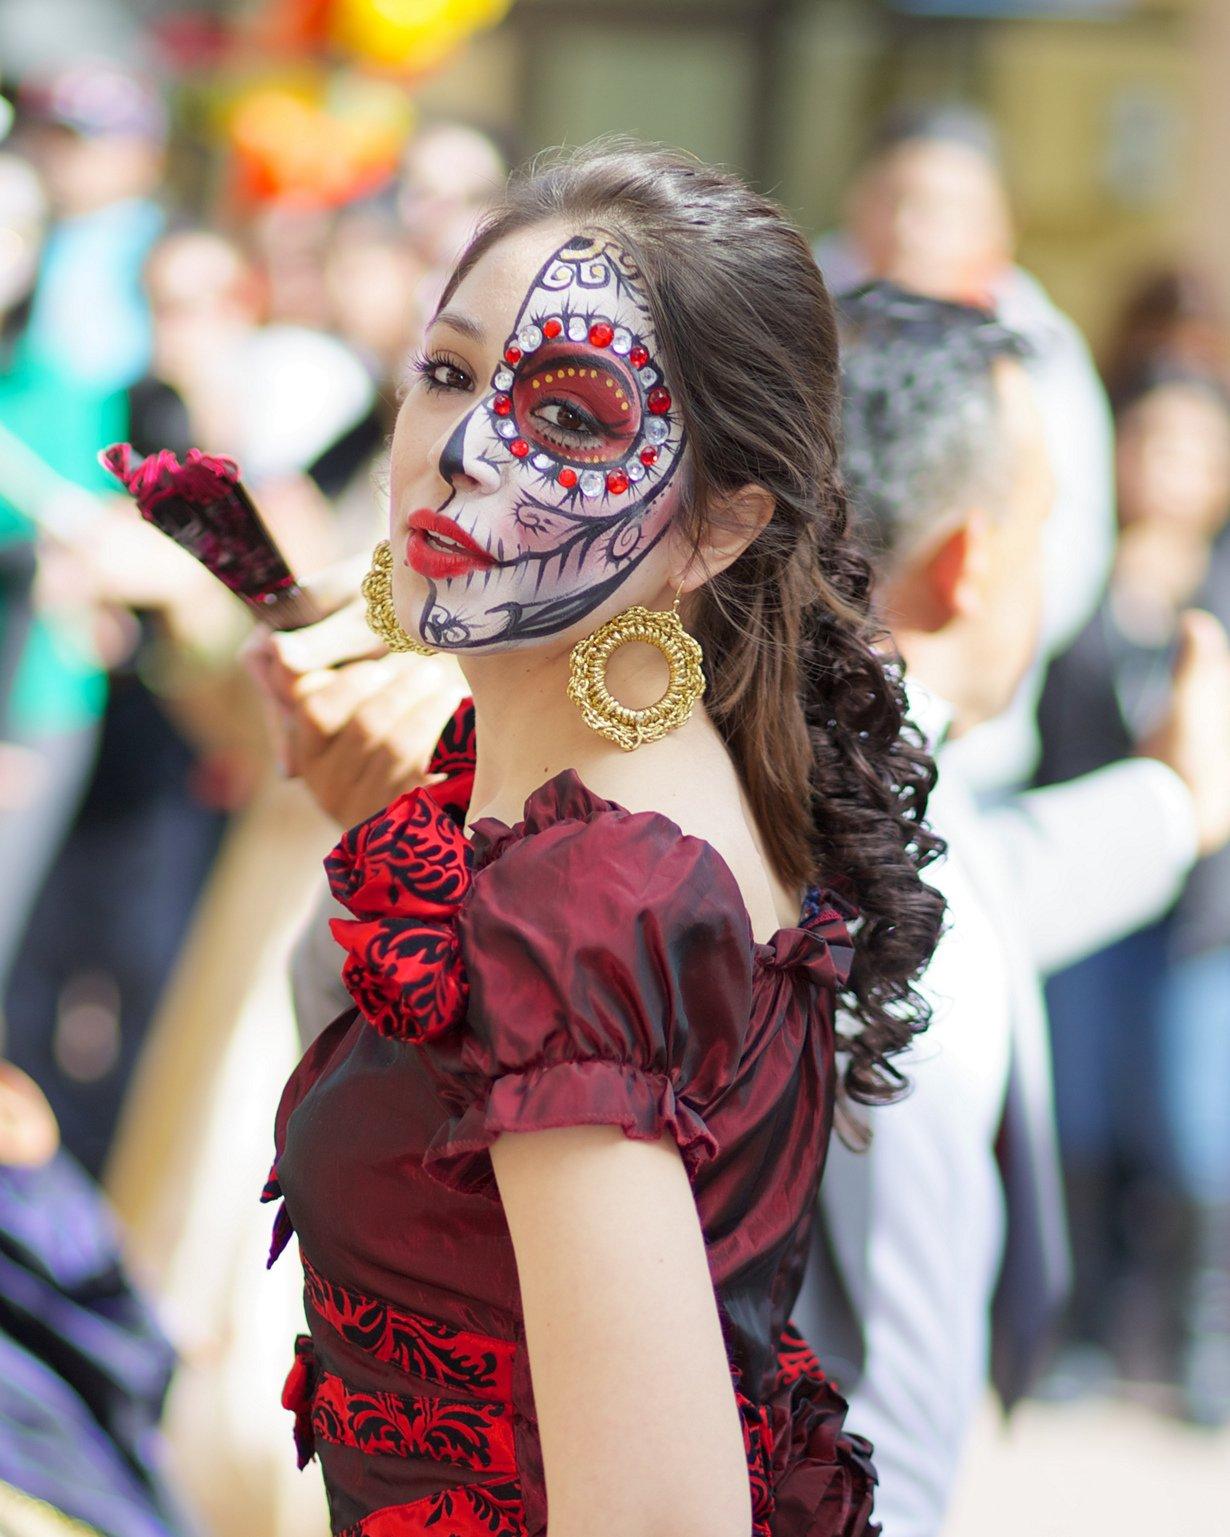 Что означает праздник хэллоуин. празднование хэллоуина для детей и взрослых — традиции дня мертвых